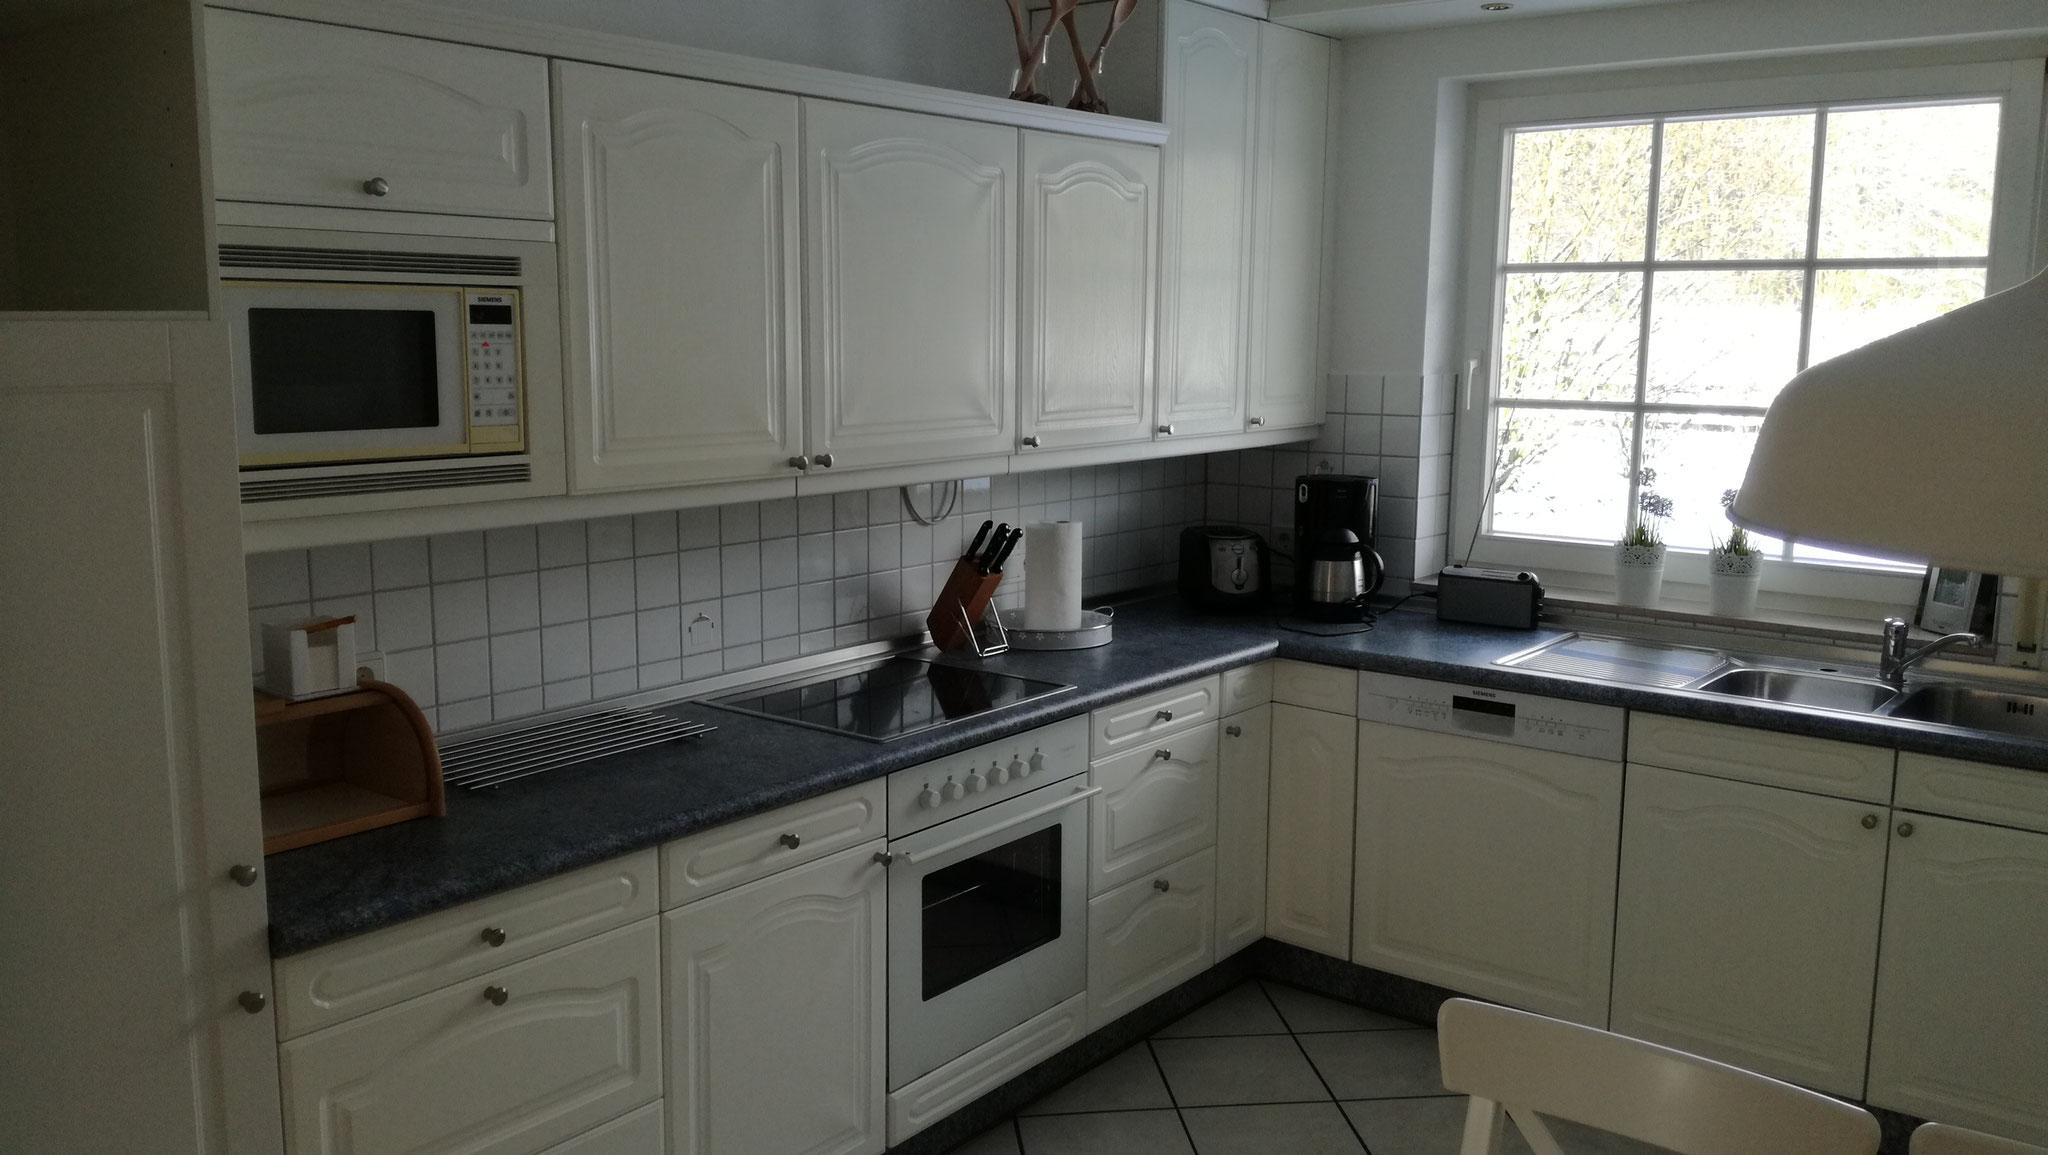 Die Küche verfügt über ein Ceranfeld, Backofen, Mikrowelle, Geschirrspüler, Kaffeemaschine usw.